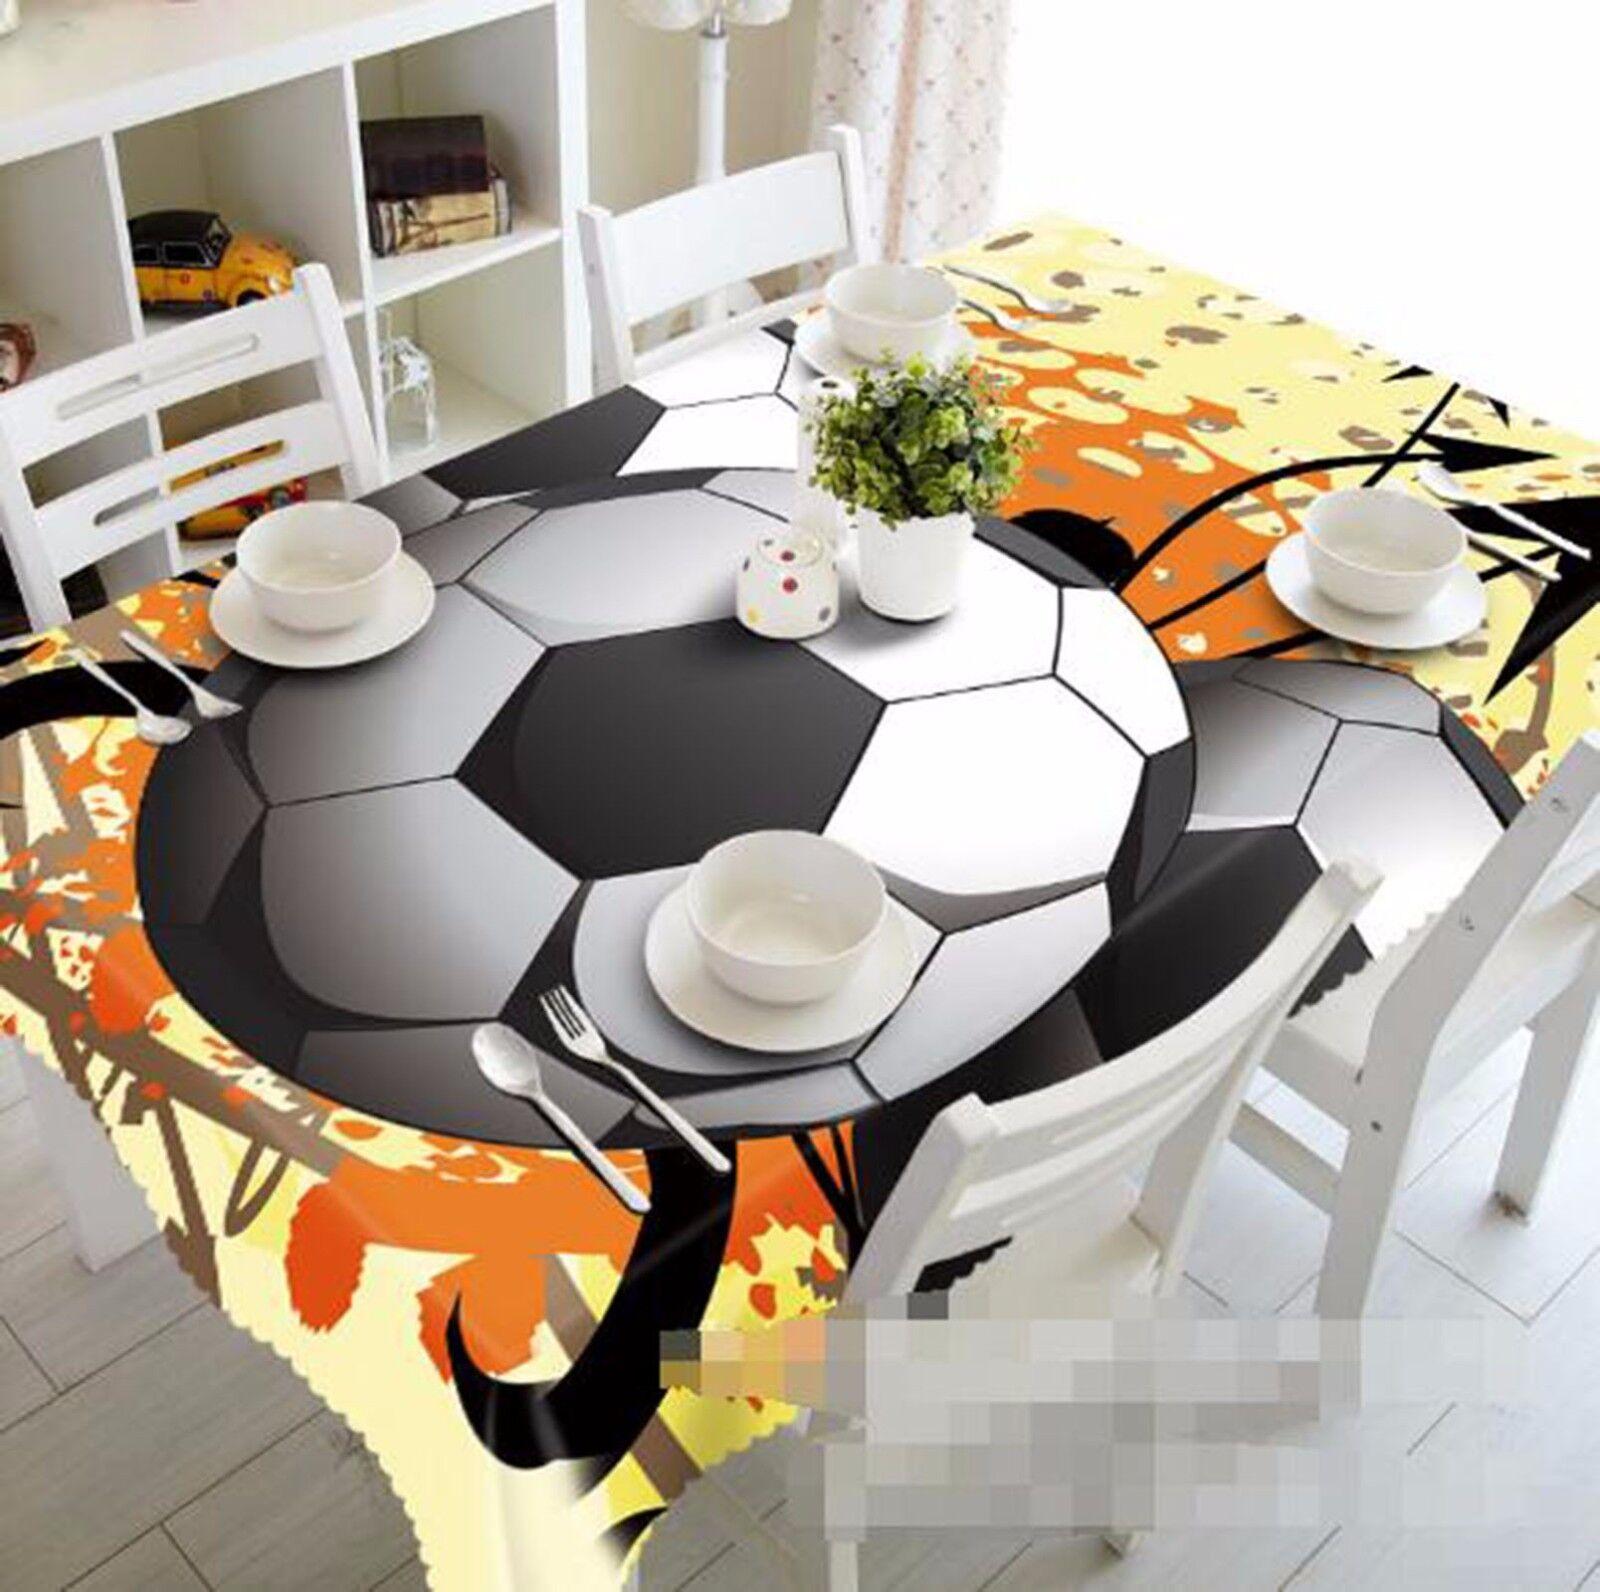 3D FOOTBALL 50 Nappe Table Cover Cloth fête d'anniversaire AJ papier peint Royaume-Uni Citron